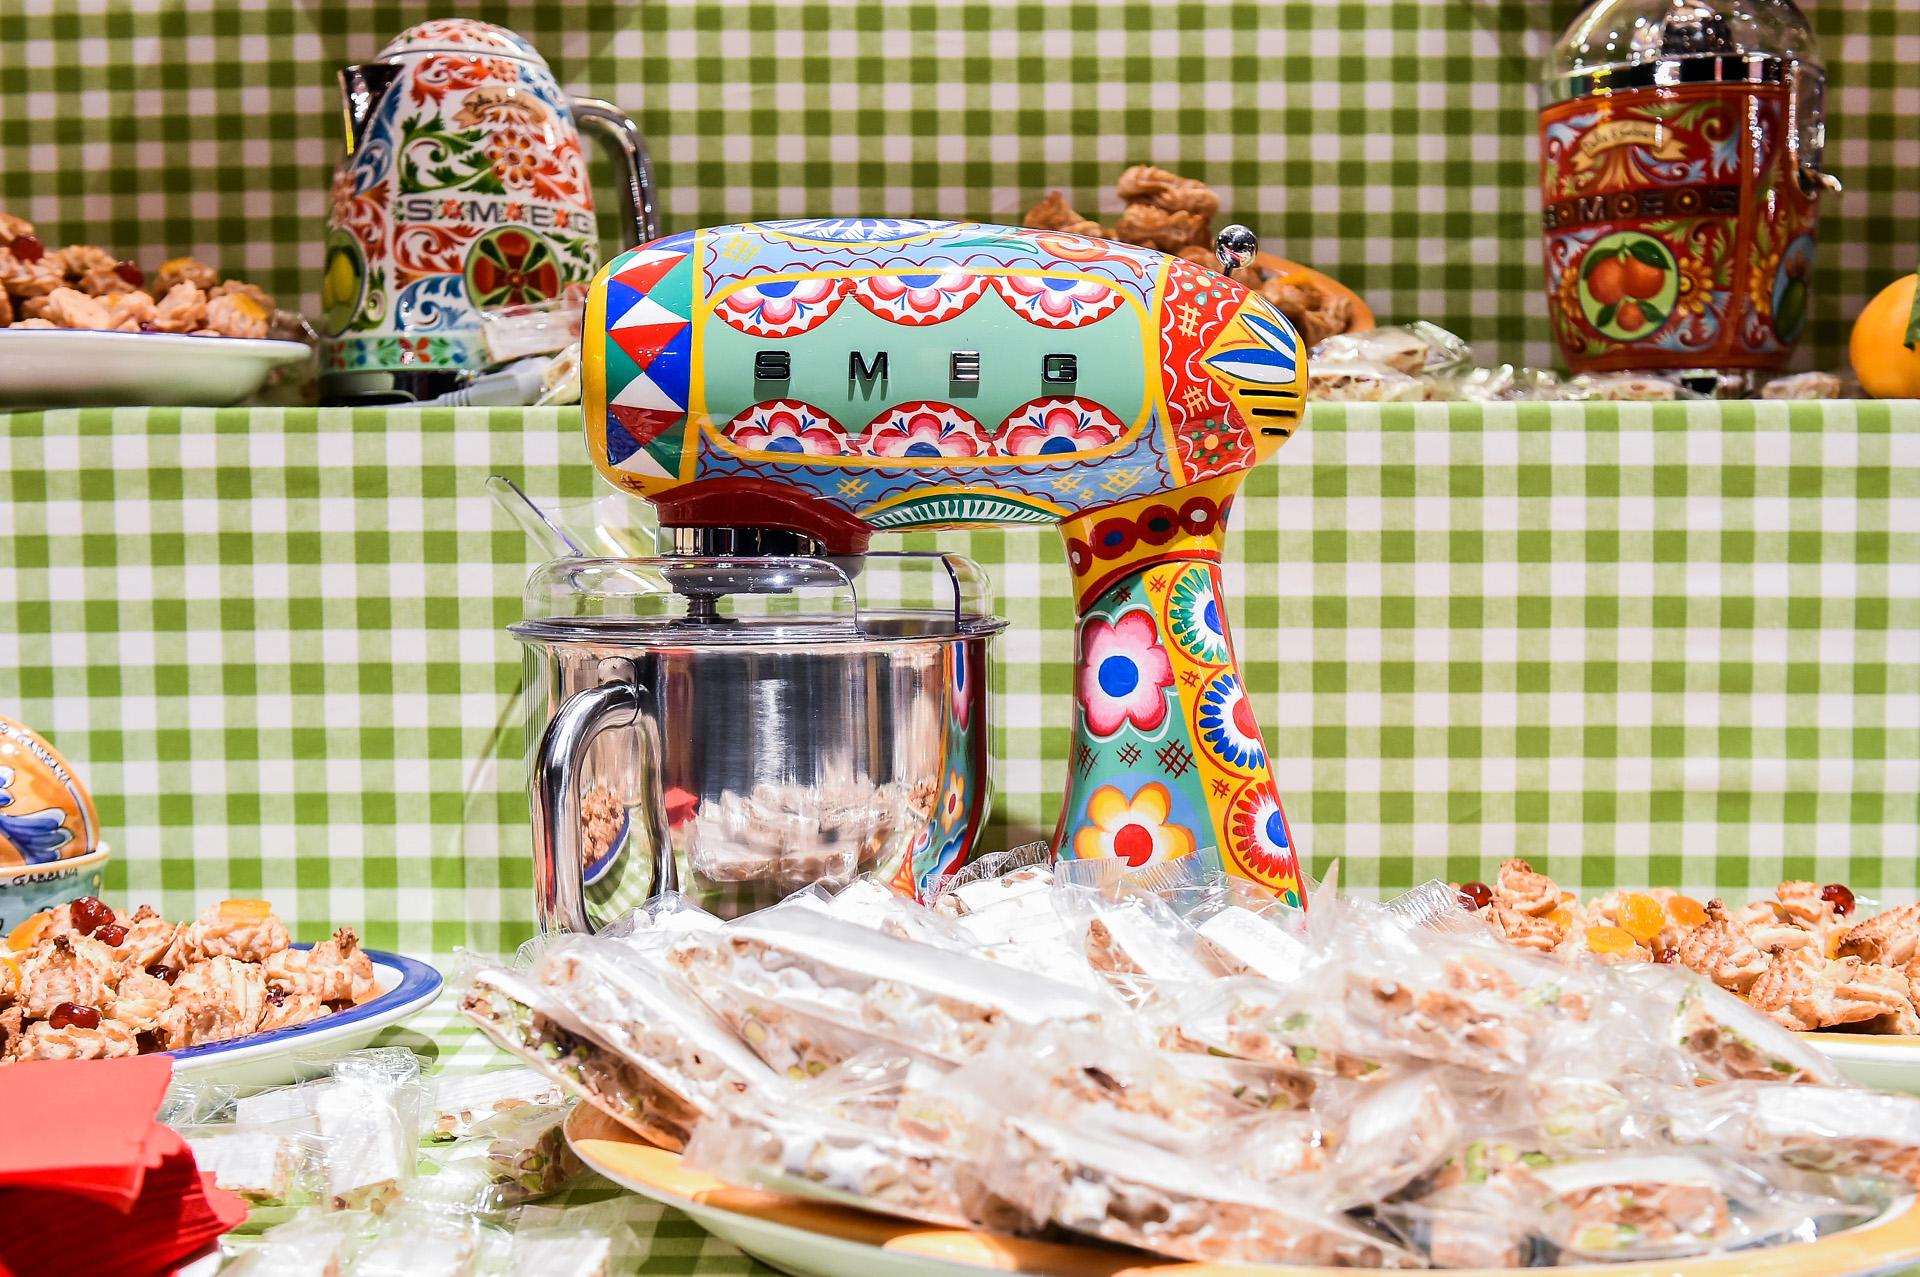 dolce gabbana diseños electrodomésticos 12 - Conoce los diseños que realizó Dolce & Gabbana para una línea de electrodomésticos